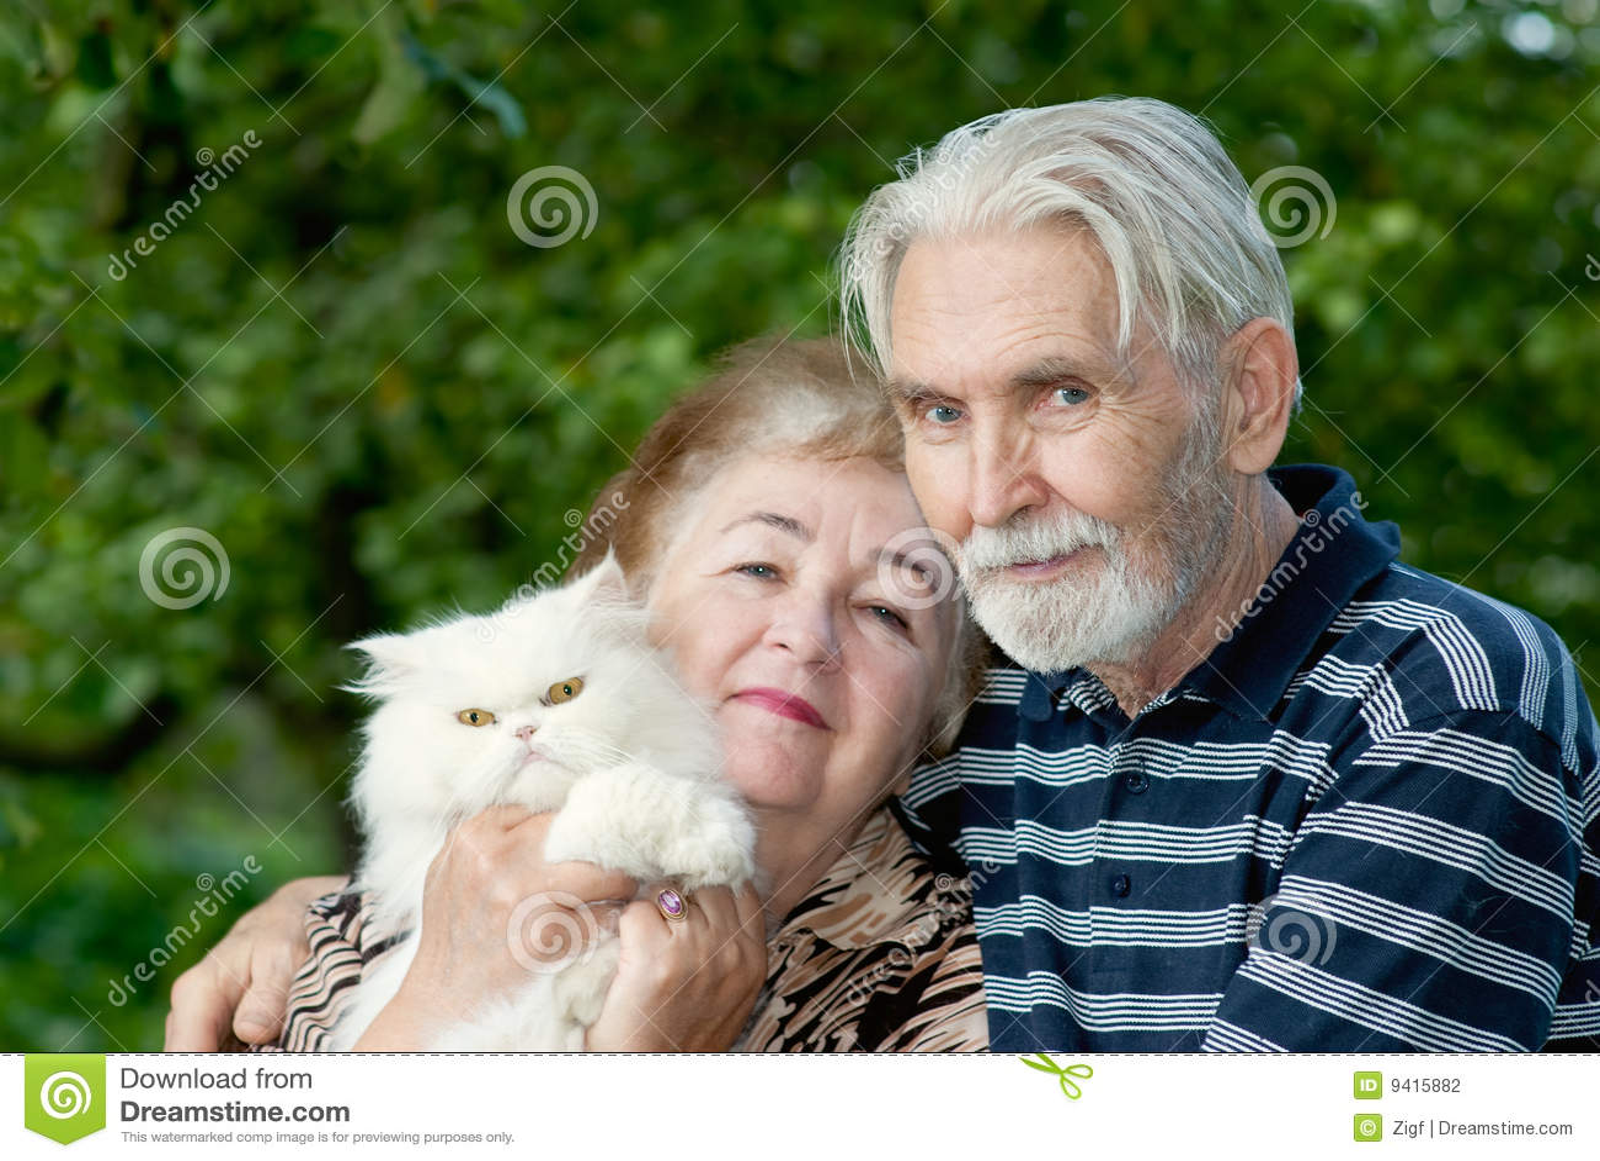 Шикарные пенсионерки фото 3 фотография